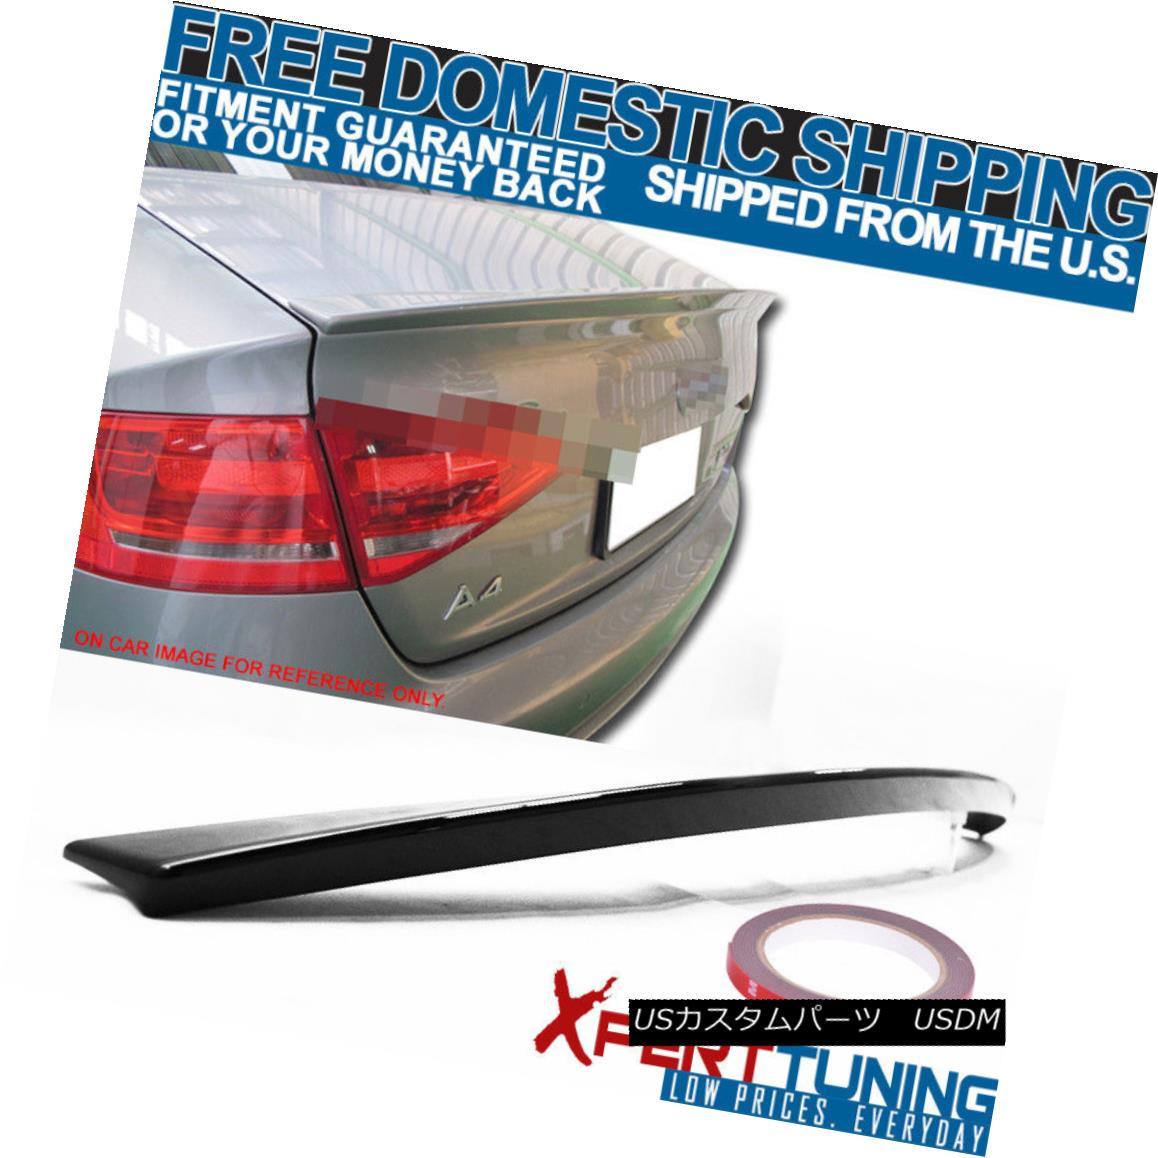 エアロパーツ 2009-2012 AUDI A4 B8 4Dr A Style #LY9B OE Style Painted Trunk Spoiler 2009-2012 AUDI A4 B8 4Dr Aスタイル#LY9B OEスタイル塗装トランク・スポイラー